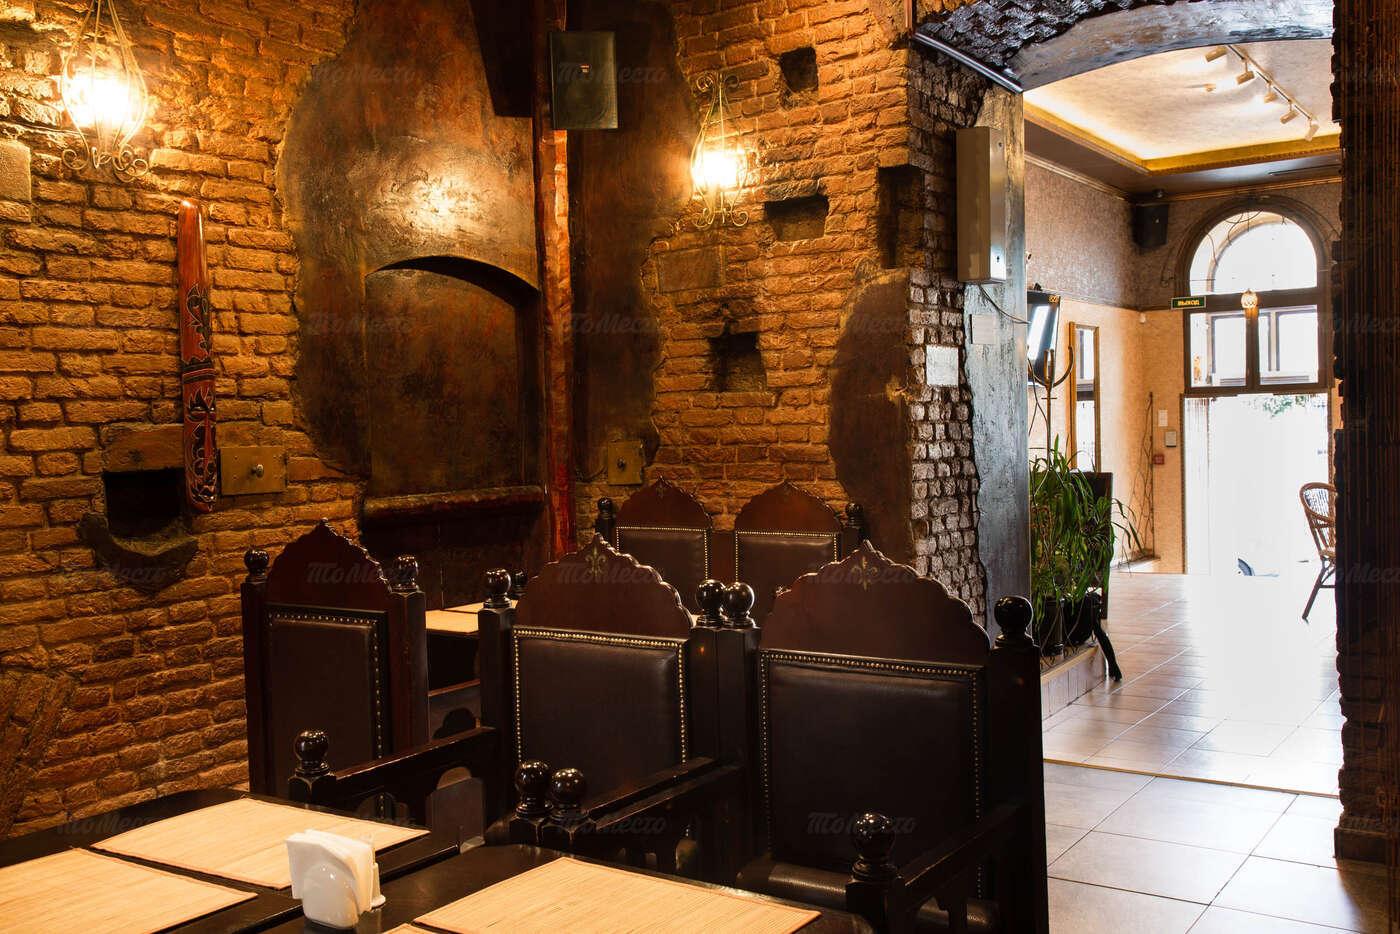 Ресторан BISTRO A-STYLE (Бистро астайл) на набережной реки Фонтанки